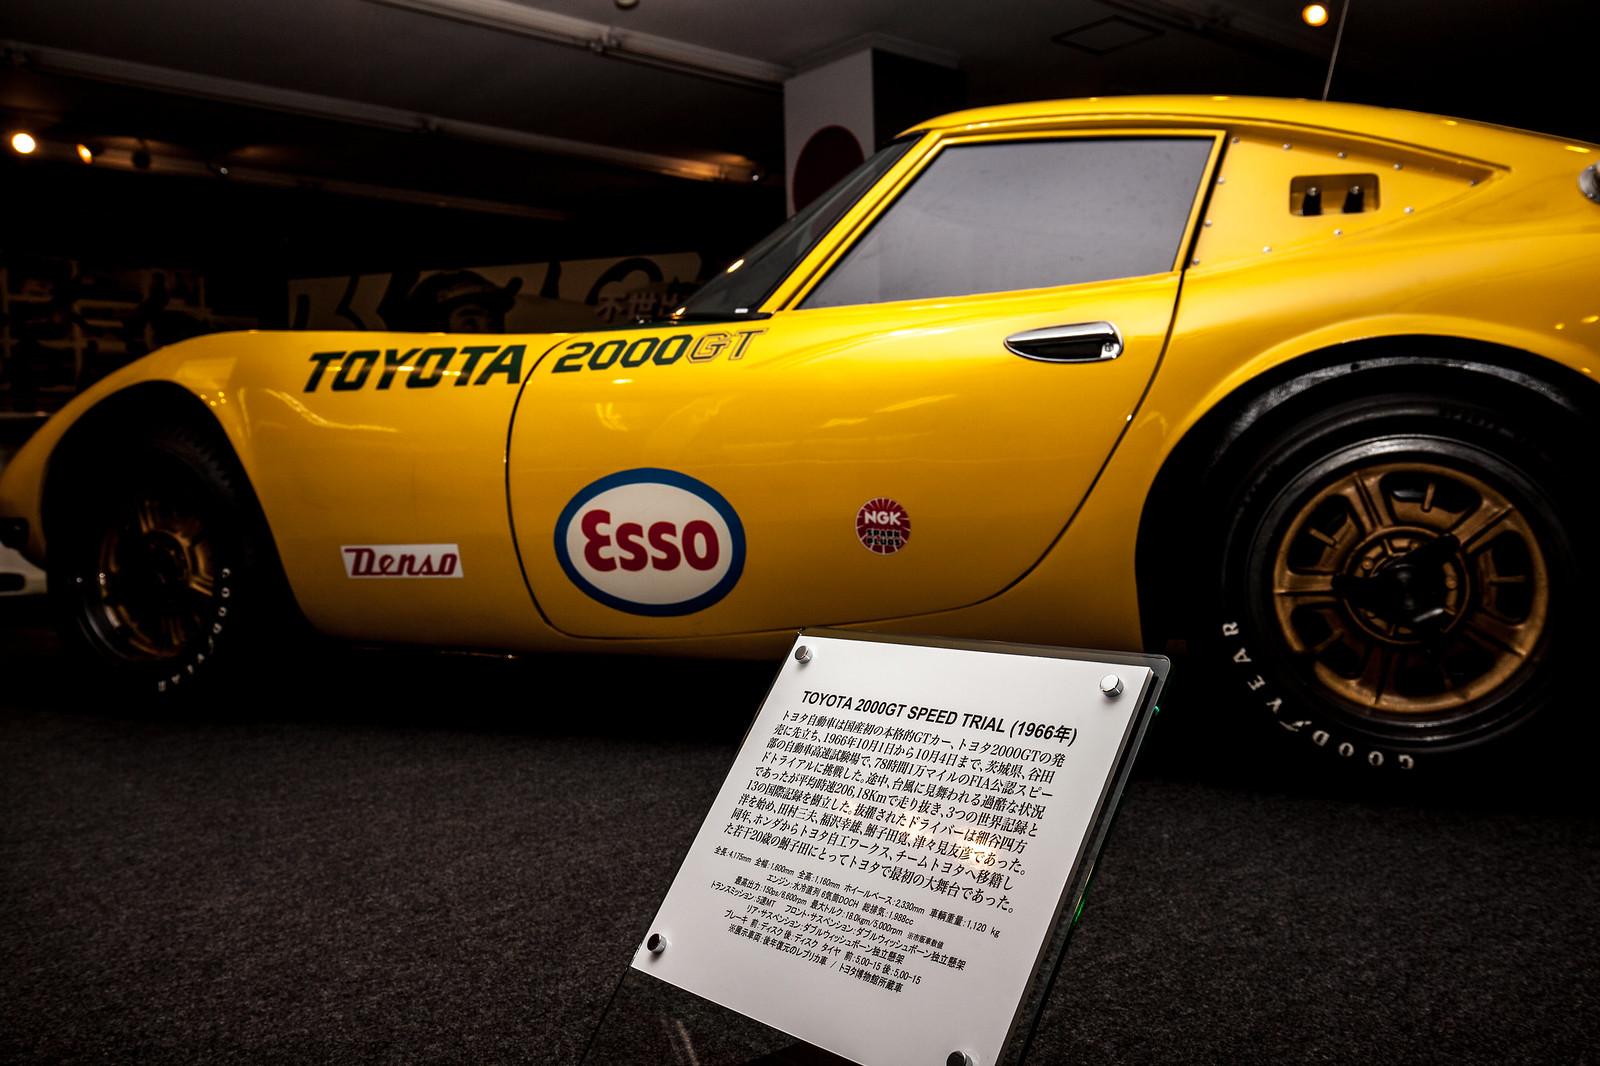 アウトガレリアルーチェ / TOYOTA 2000GT SPEED TRIAL(1966)